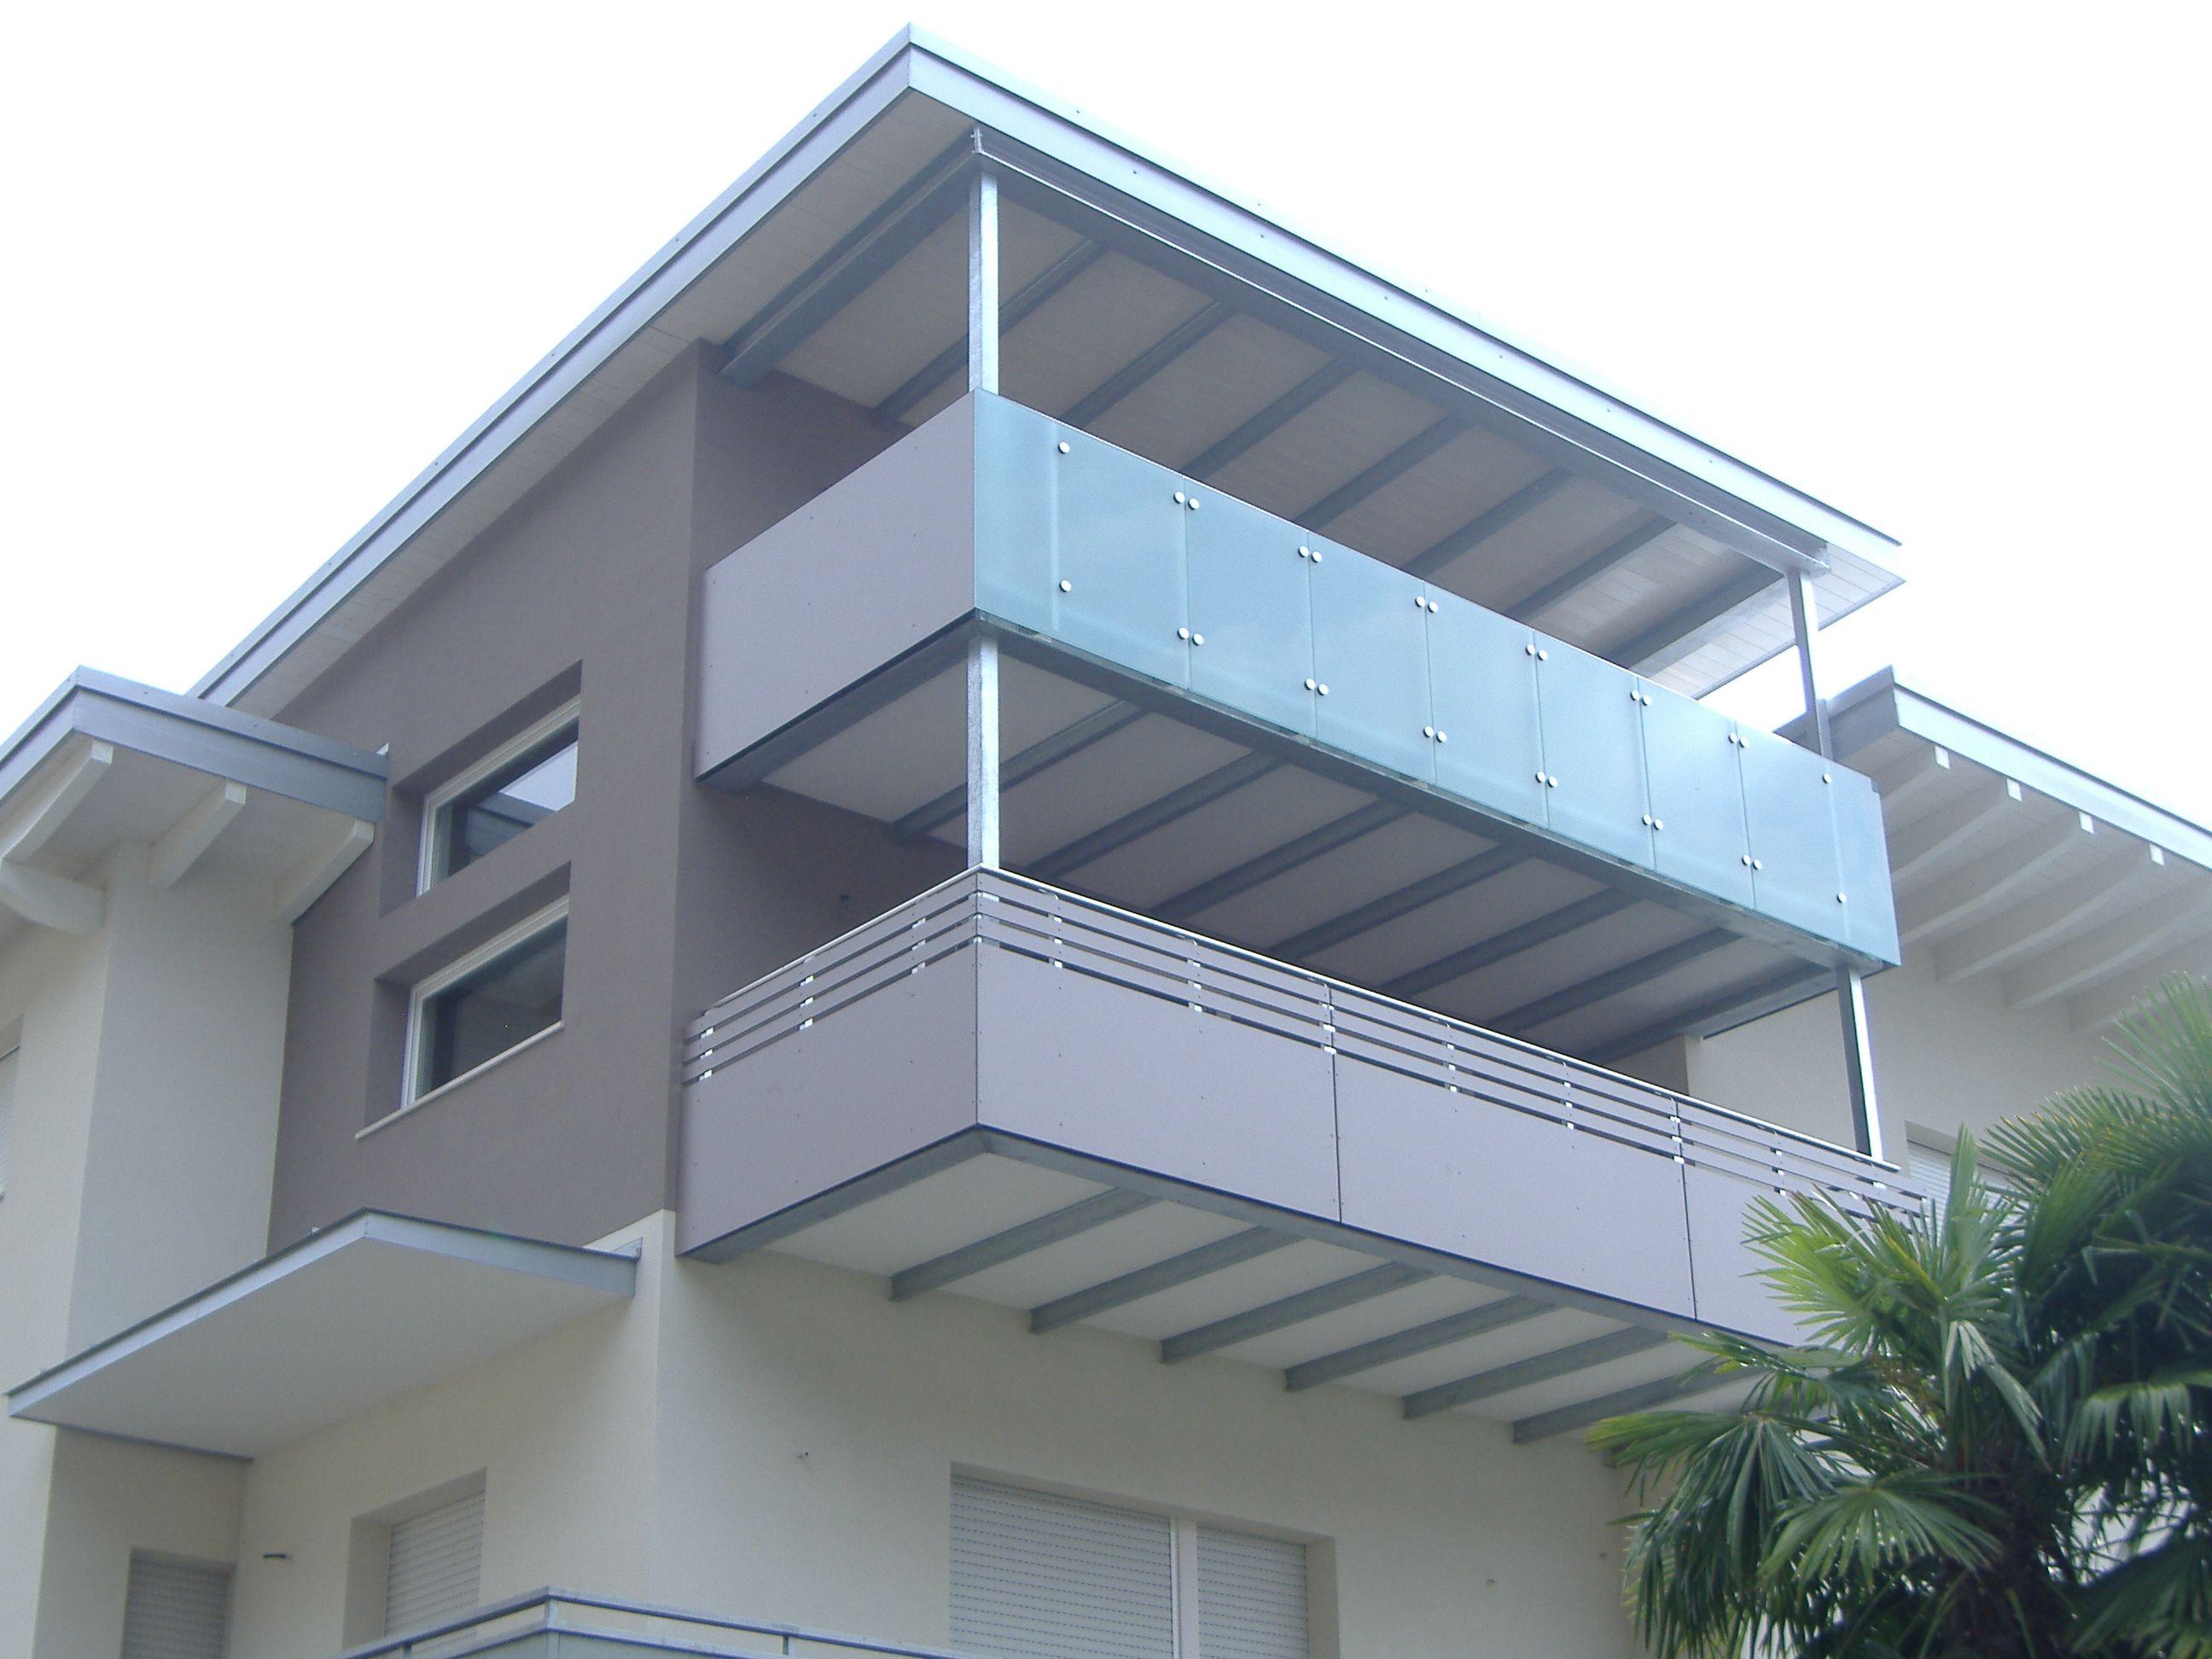 Nostra realizzazione di balcone con pannelli HPL a doghe